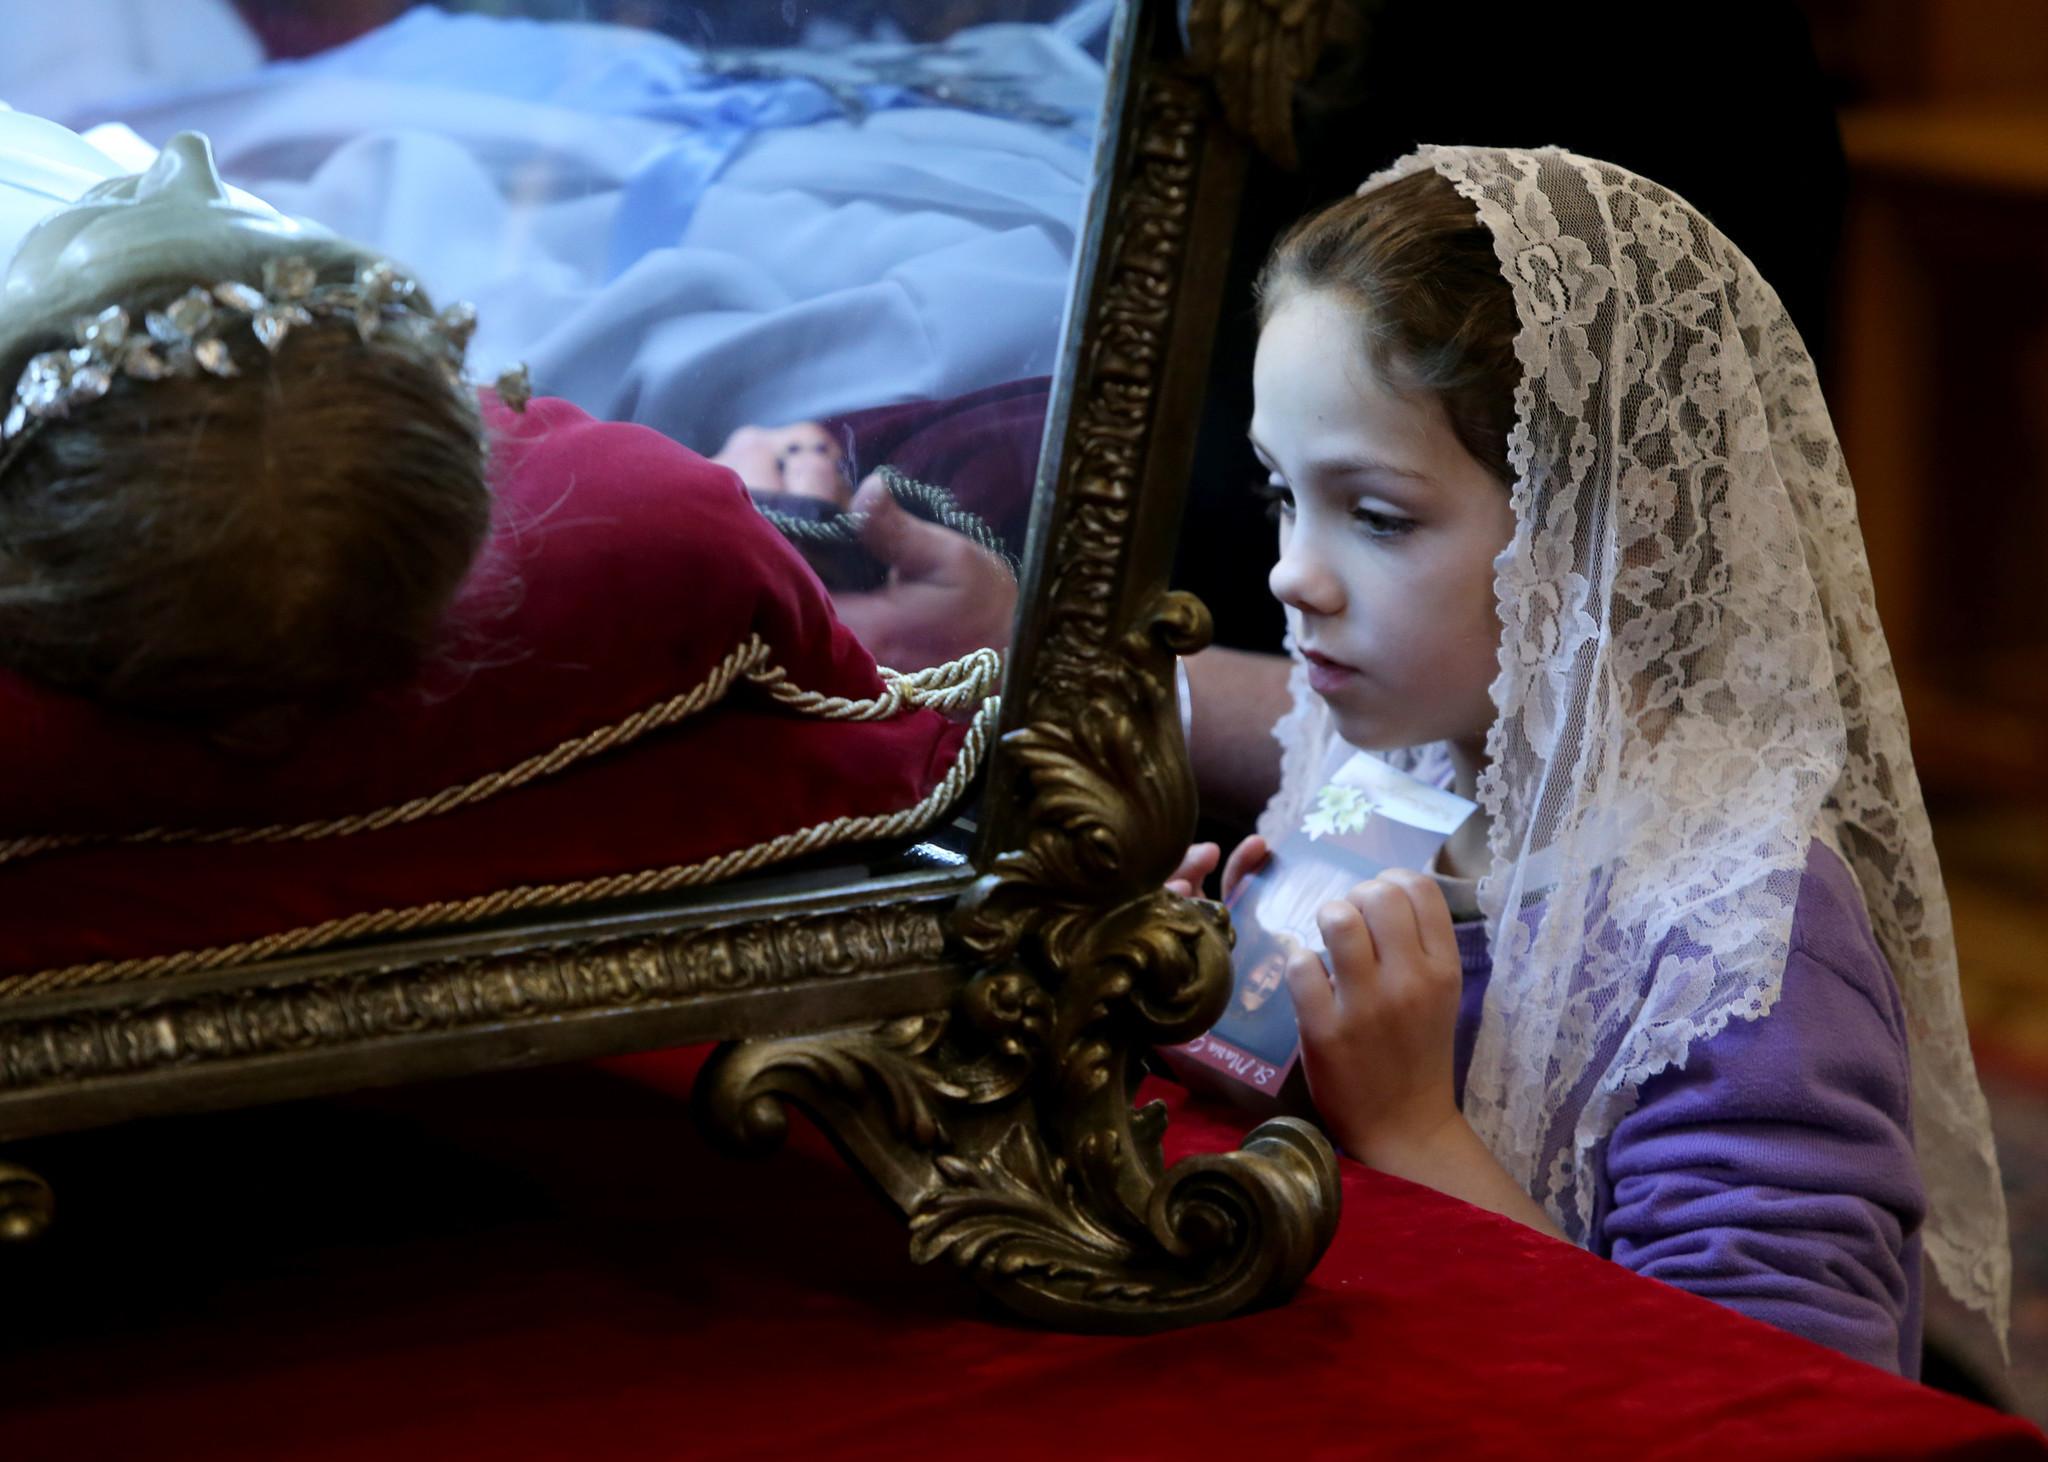 ct-hoy-8480558-miles-visitan-los-restos-de-santa-maria-goretti